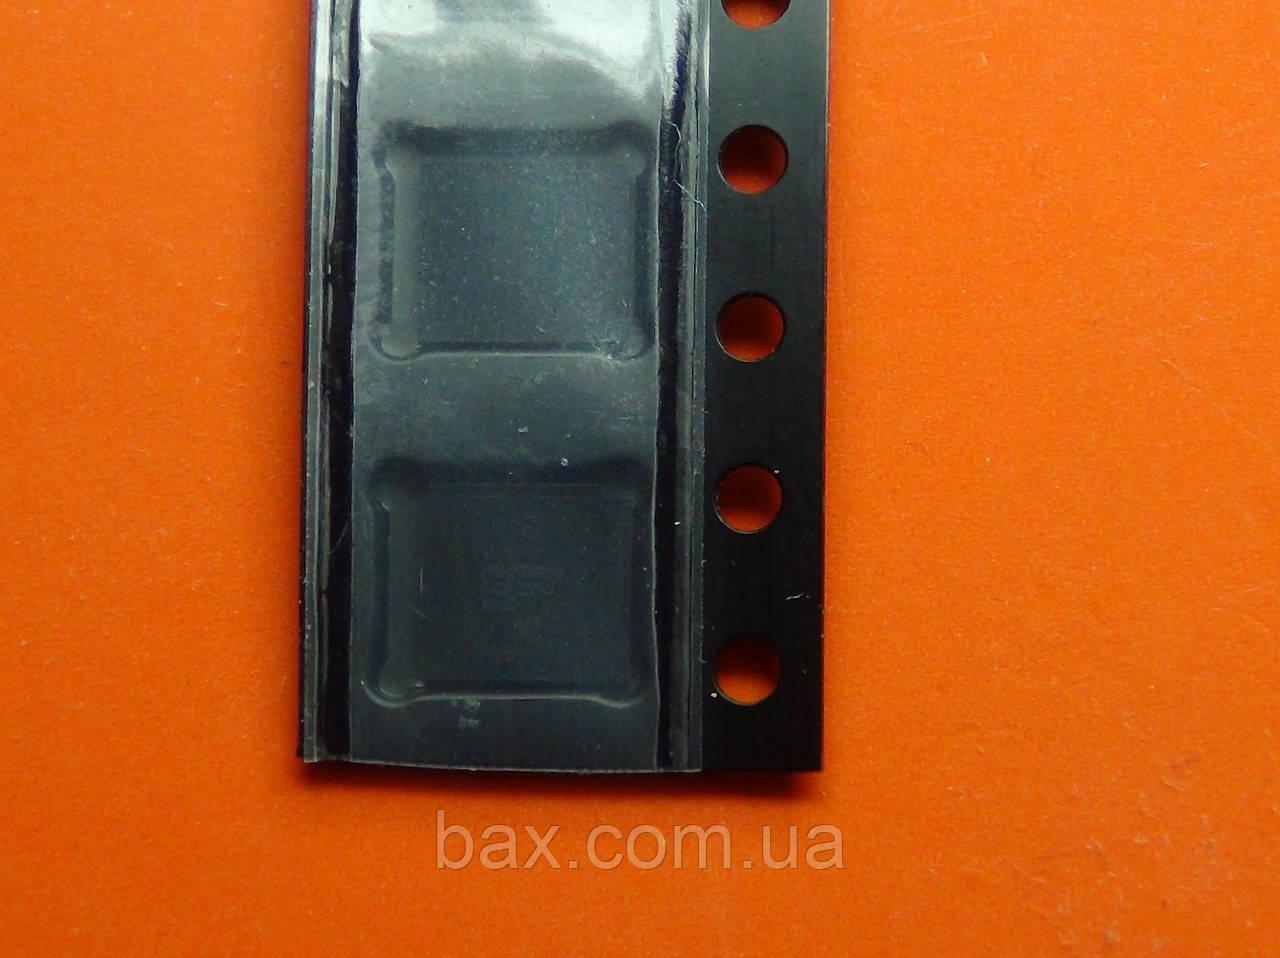 Микросхема контроллер питания MAX17042 Новый в упаковке